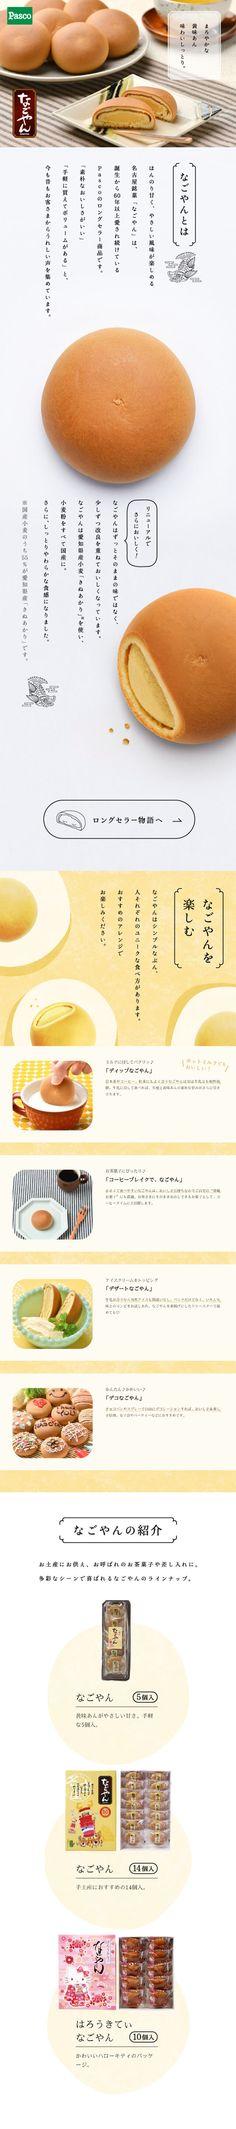 敷島製パン株式会社様の「なごやん」のスマホランディングページ(LP)和風系 食品 #LP #ランディングページ #ランペ #なごやん